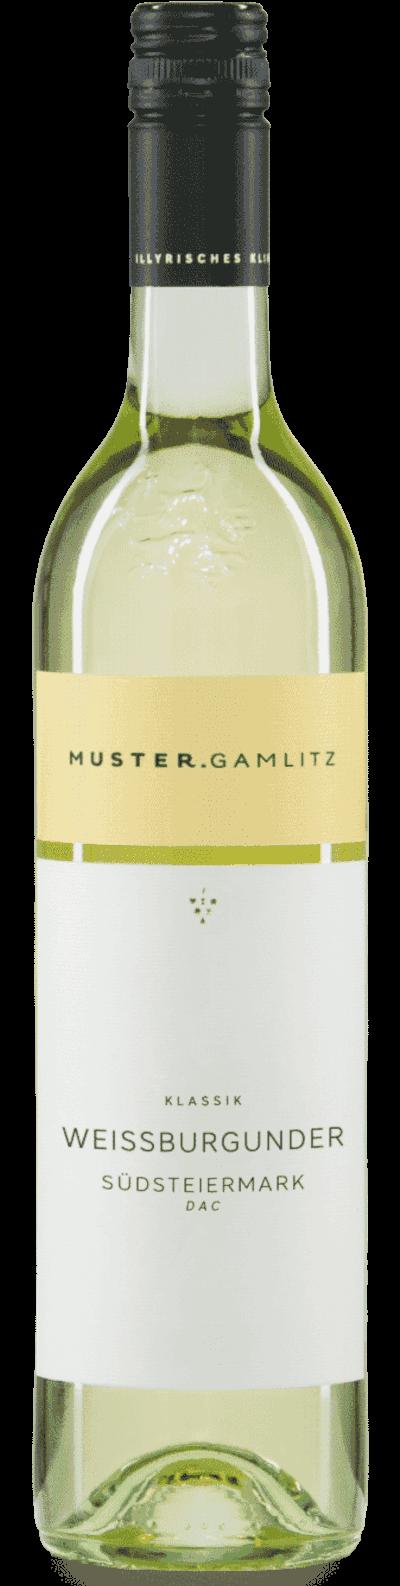 Muster.Gamlitz - Weissburgunder Klassik